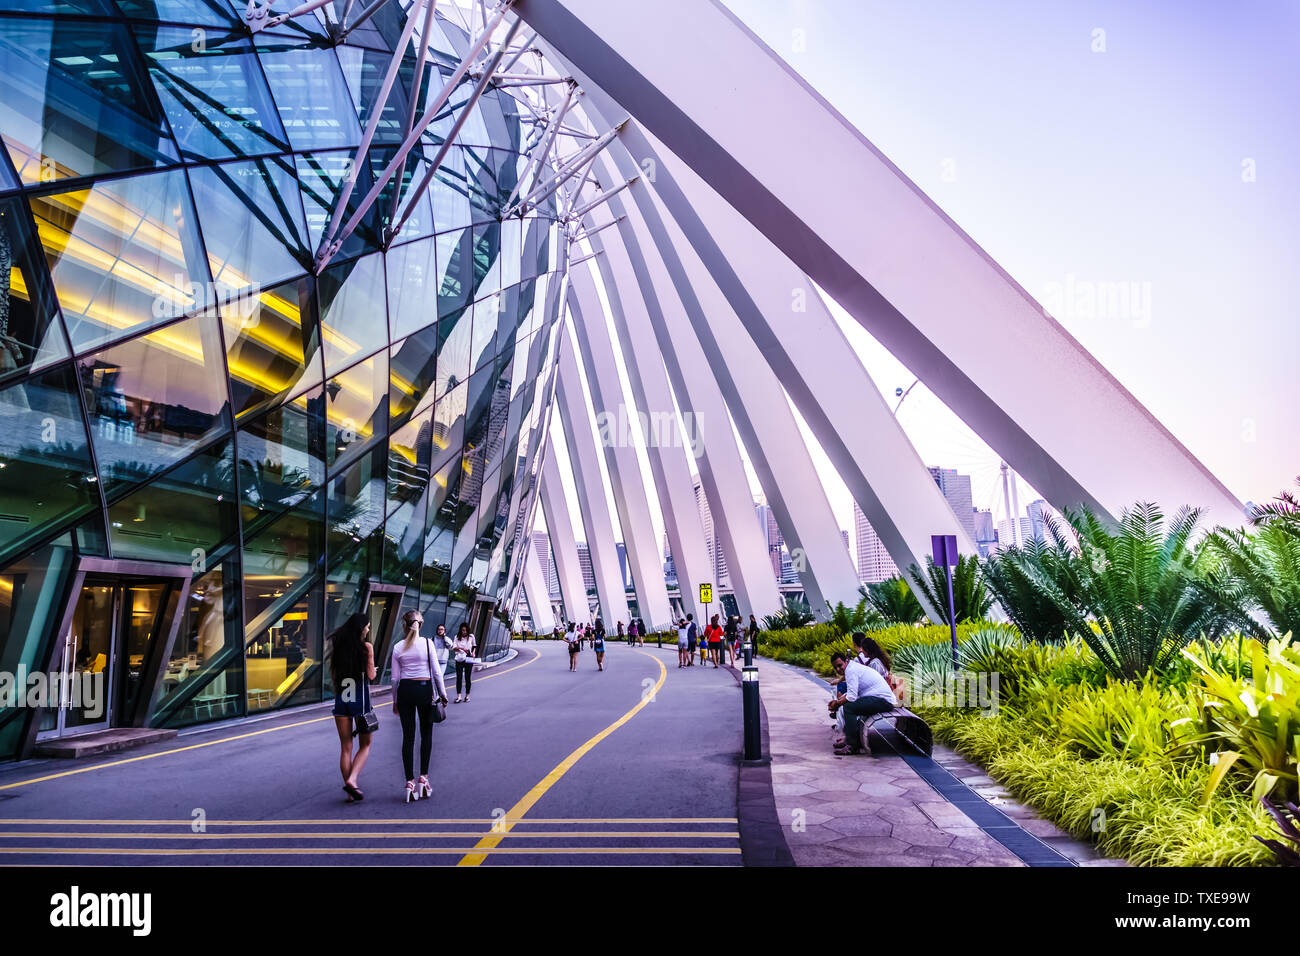 Singapour - Mar 15, 2019: Jardins de la baie, l'architecture extérieure du Dôme de débit caractéristiques. Banque D'Images